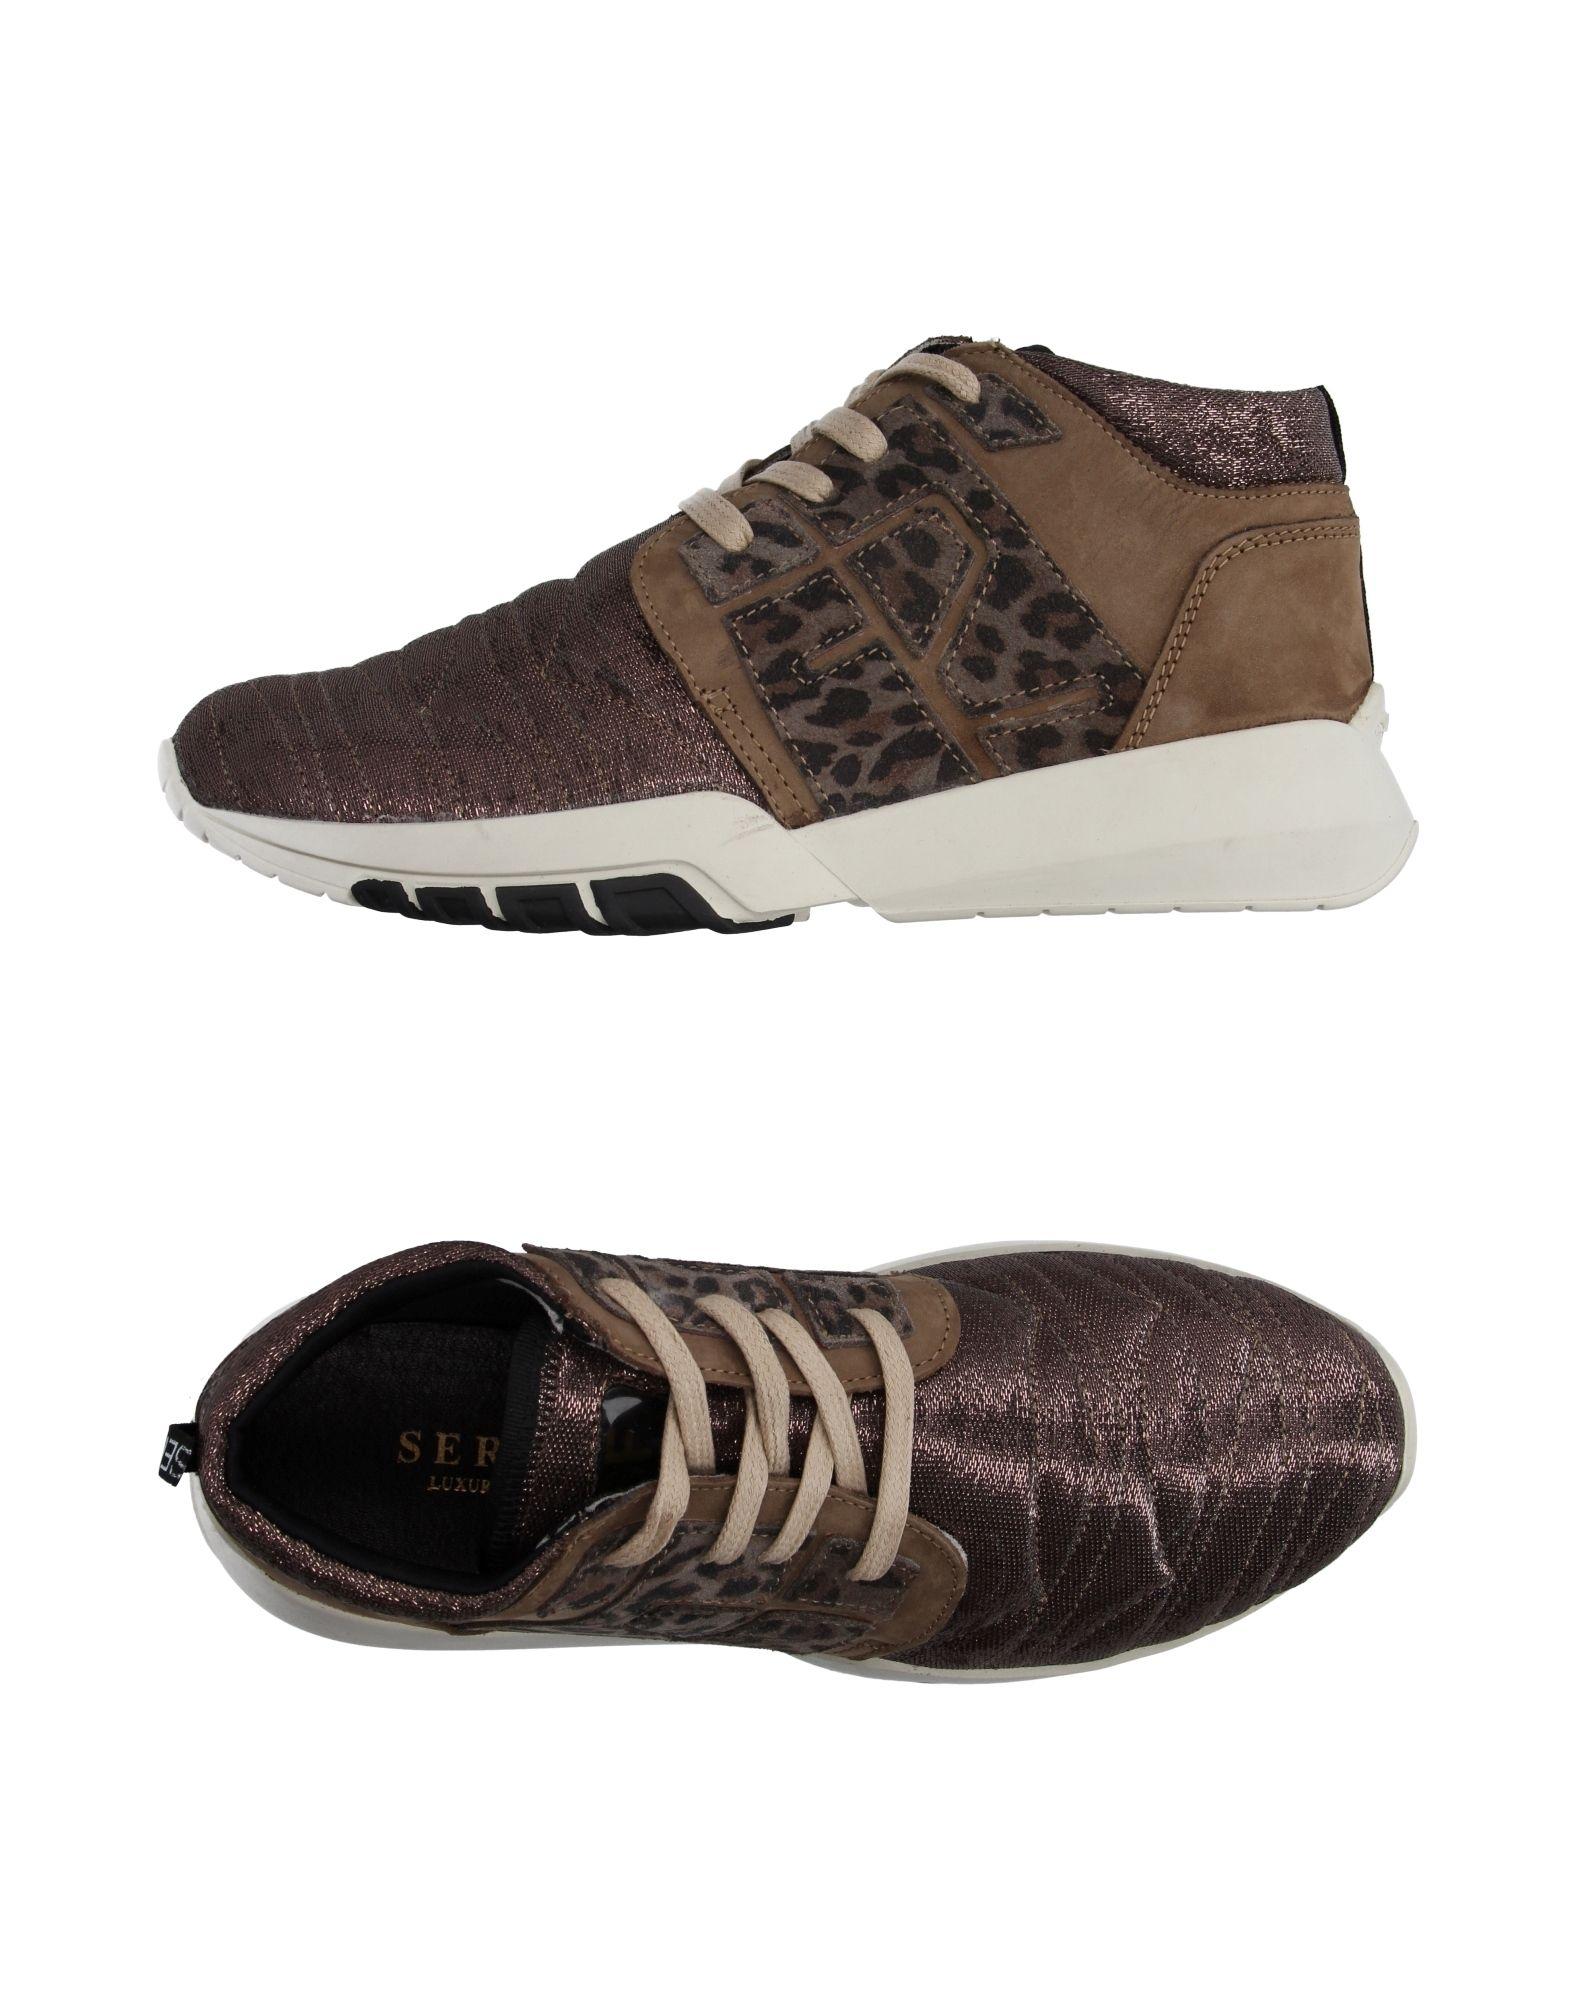 SERAFINI Sneakers in Bronze